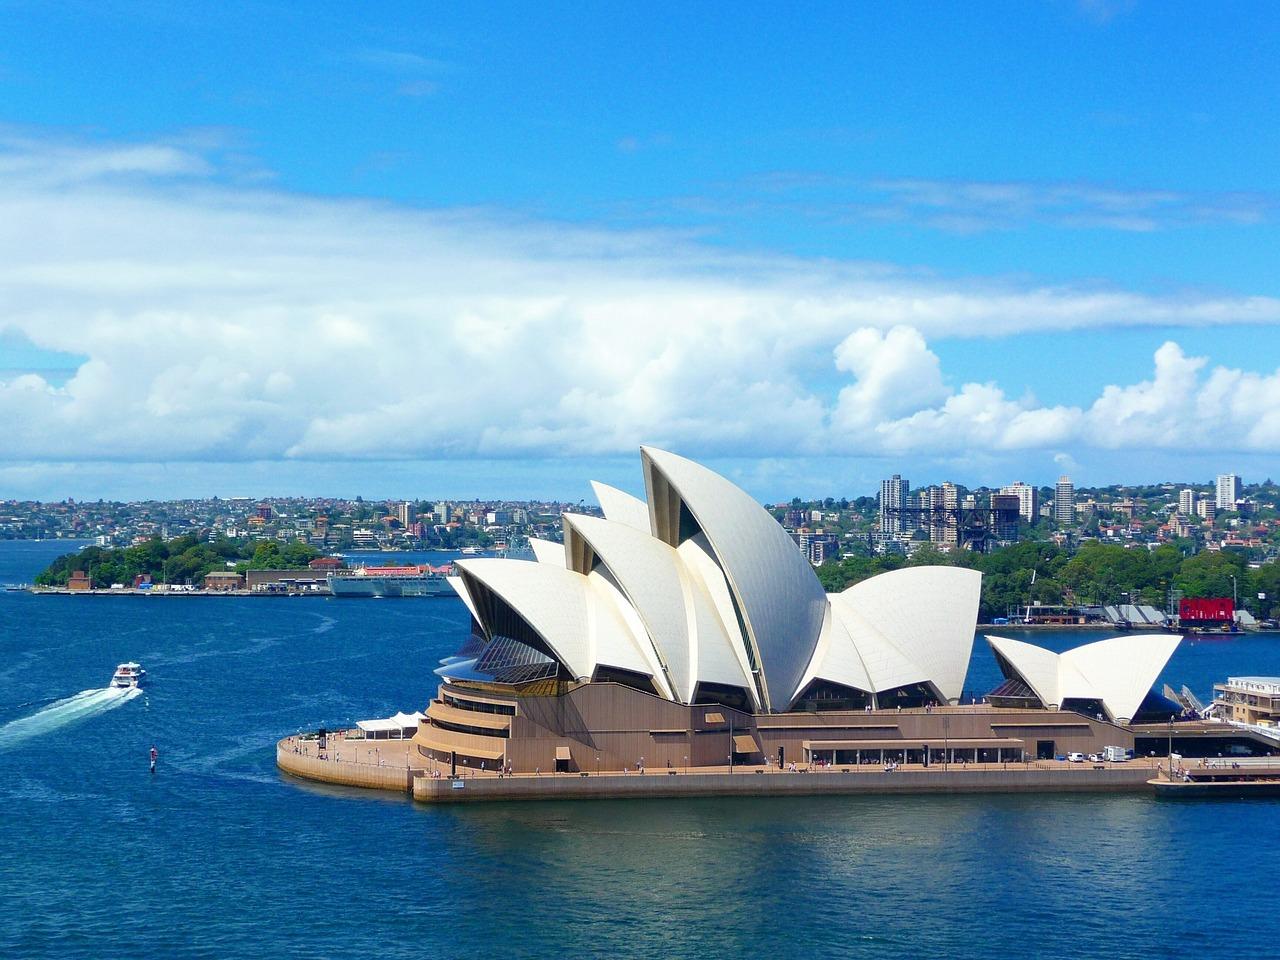 australia-1281935_1280-5